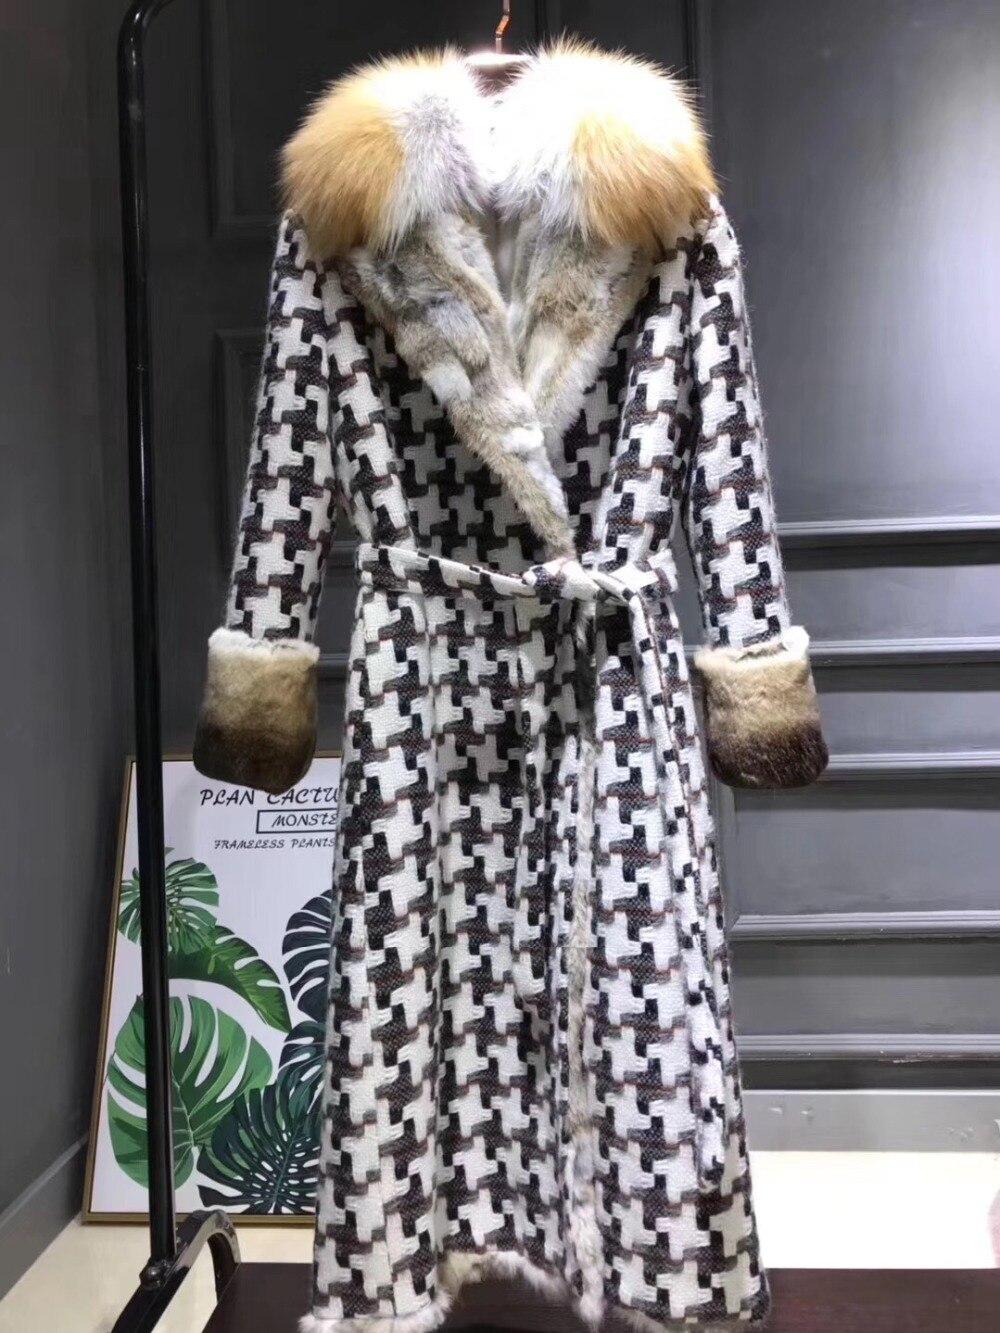 Hiver Veste Réel Rex De Fourrure De Lapin Doublure Longue Parka Femmes Tweed Laine Veste Avec Naturel Renard Col De Fourrure Manteau D'hiver femmes